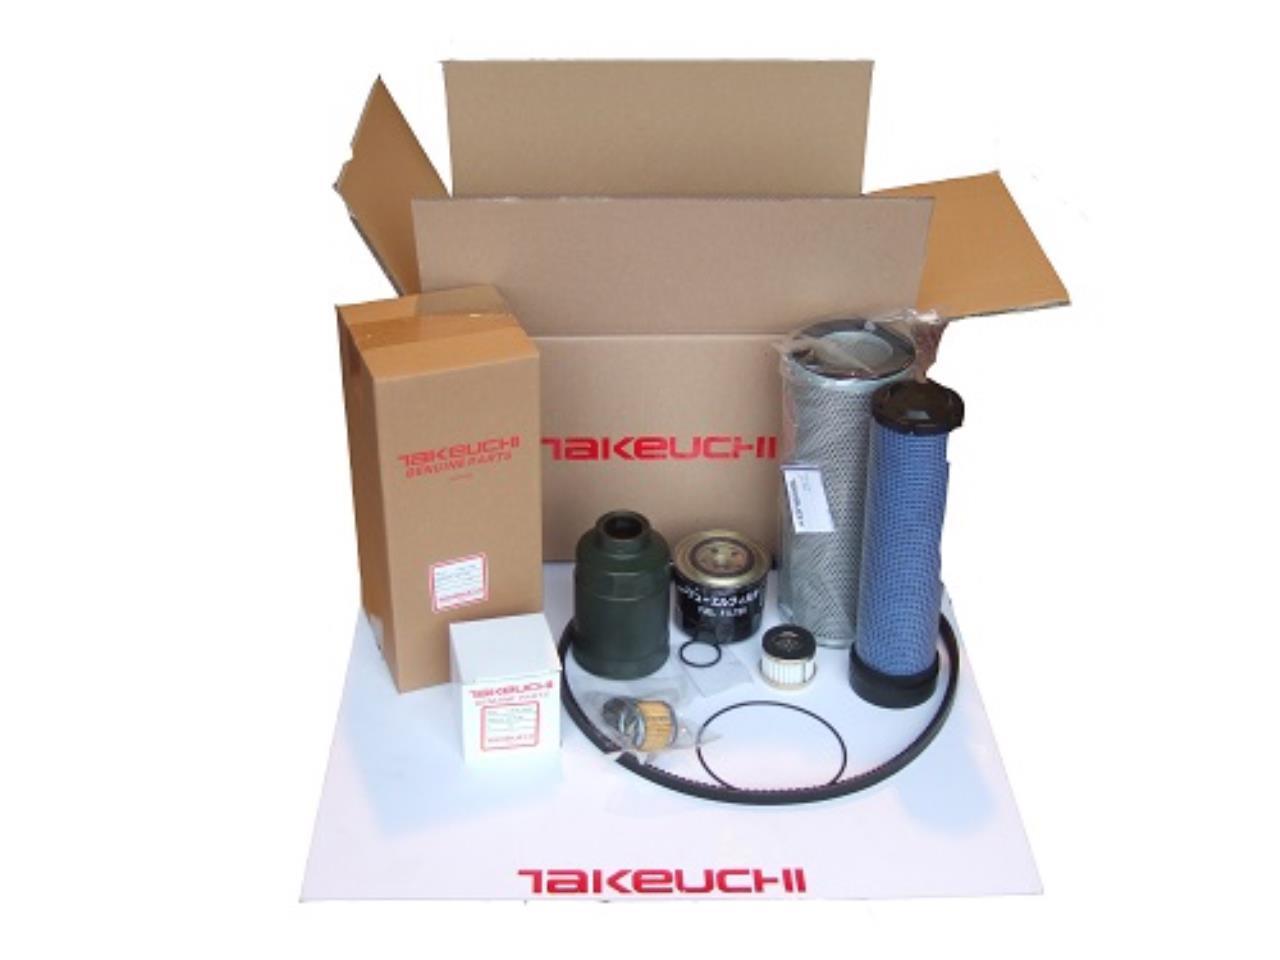 Takeuchi TB1140 filtersæt, fra s/n: 51440000